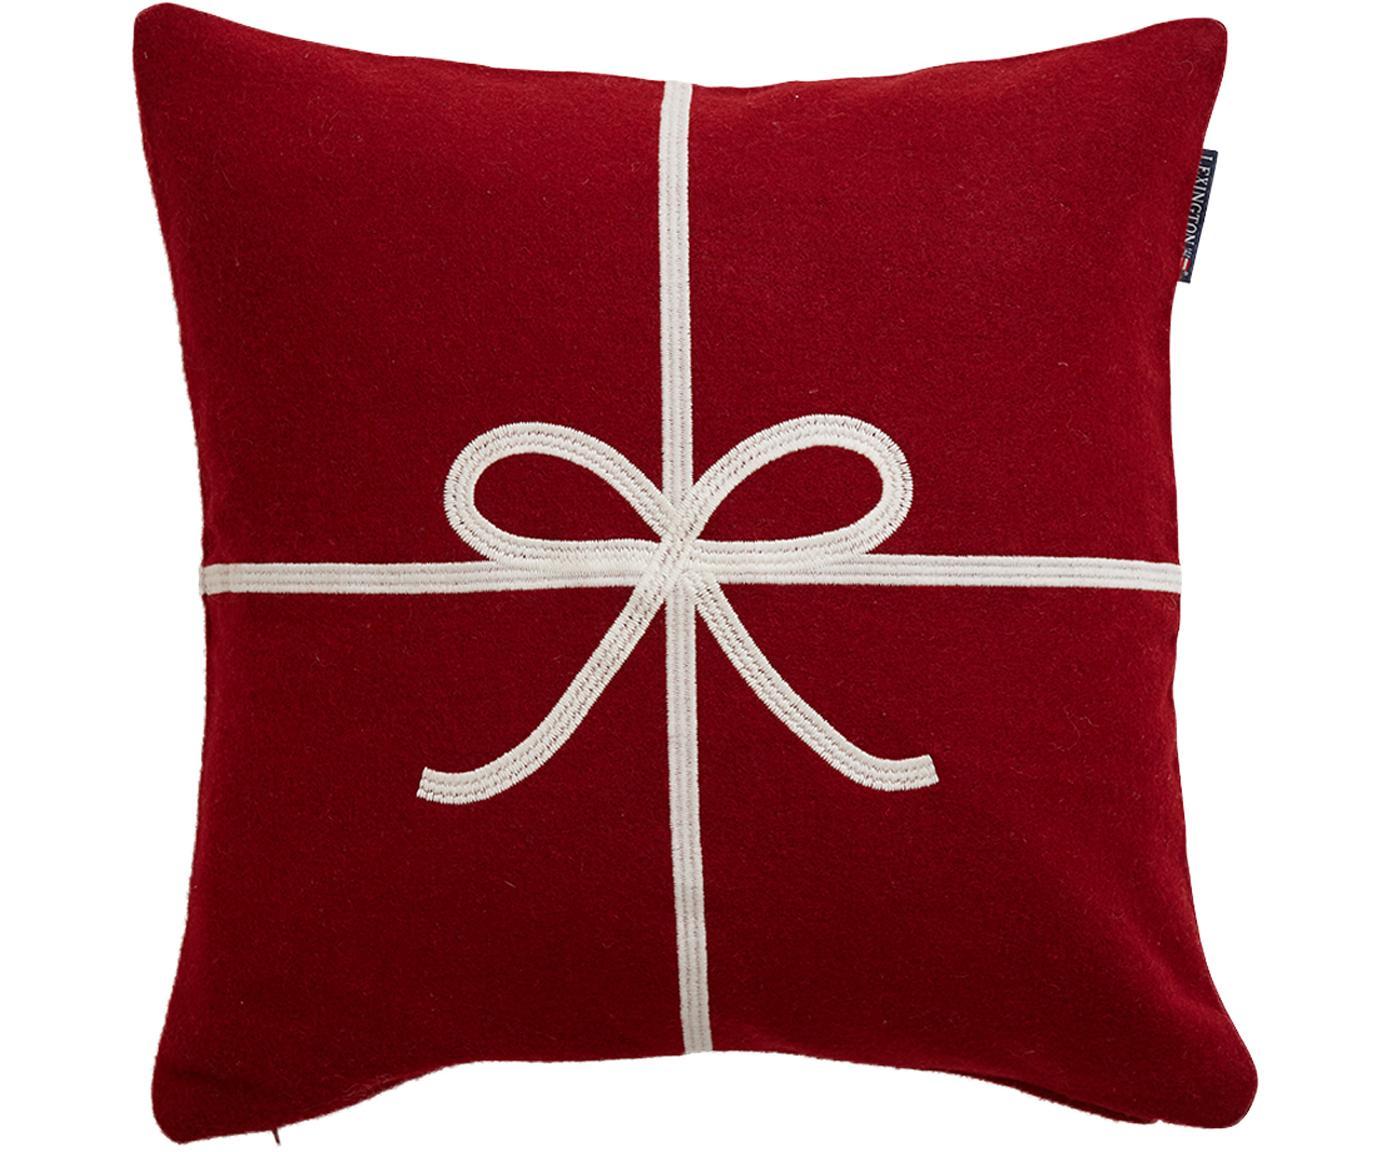 Kissenhülle Bow im Geschenk-Look, Wolle, Rot, Weiß, 50 x 50 cm